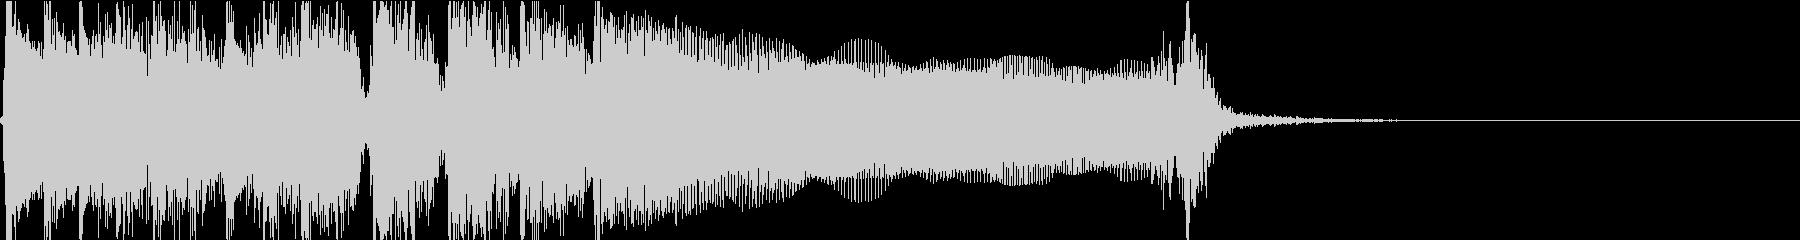 生演奏でのハードなロックジングルM2の未再生の波形